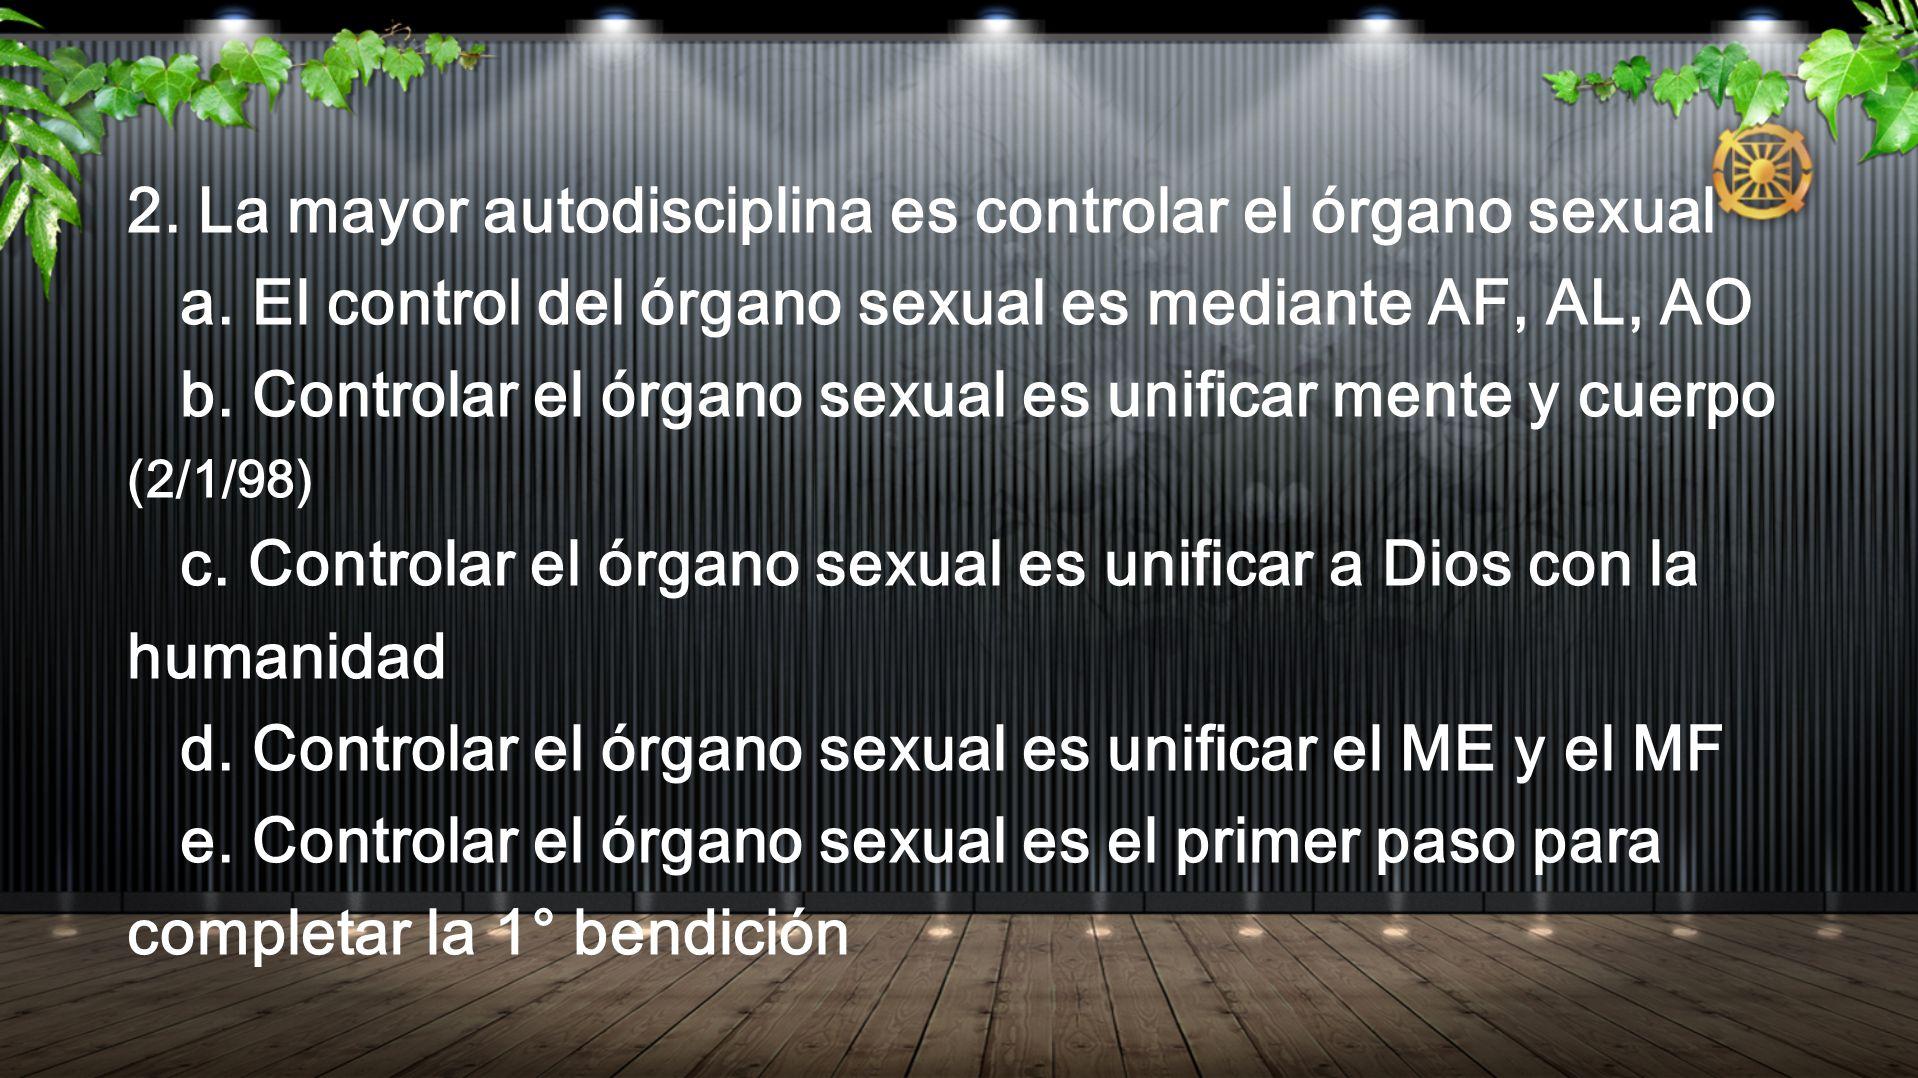 2. La mayor autodisciplina es controlar el órgano sexual